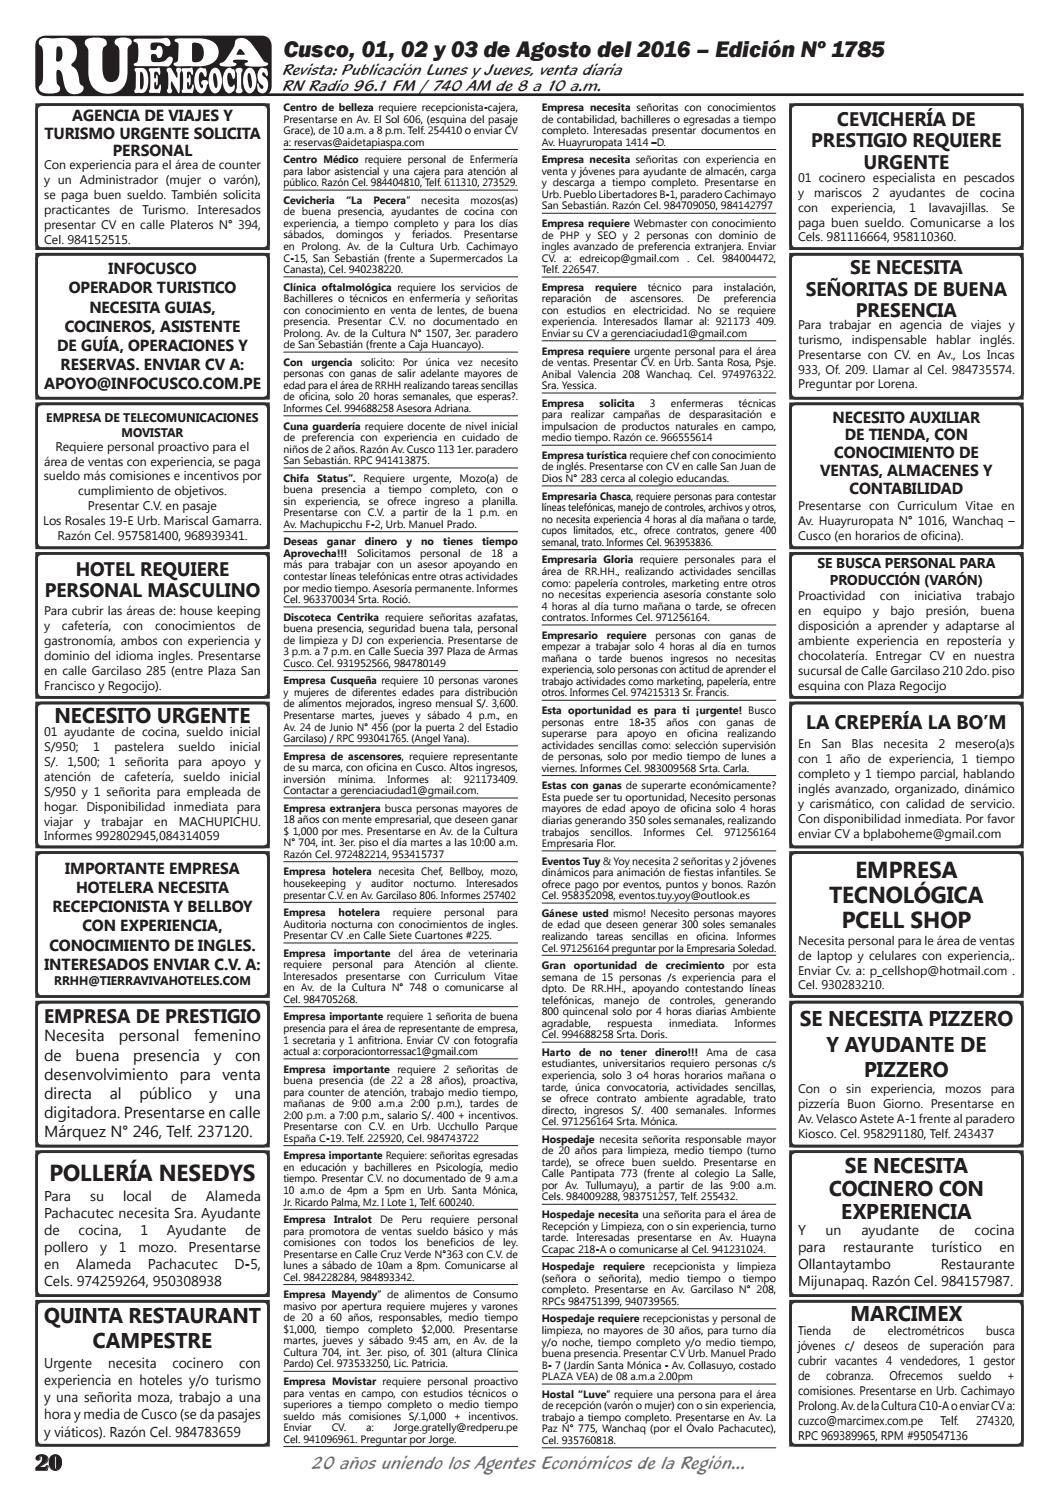 Edición 1785 by Rueda de Negocios - issuu